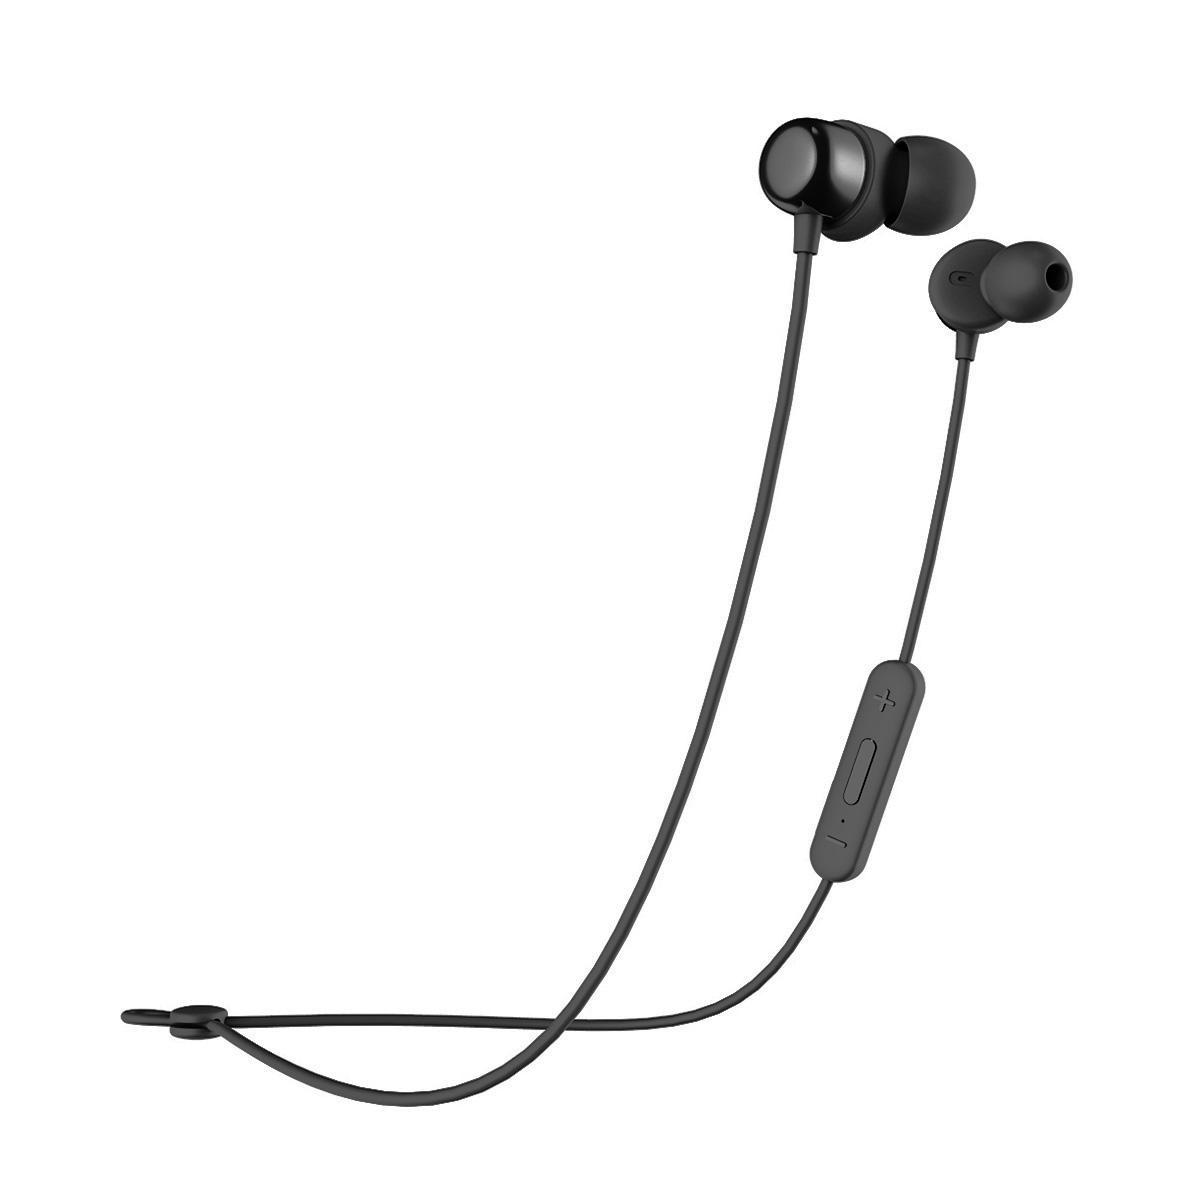 Bezdrátová sluchátka Niceboy HIVE E2 černá